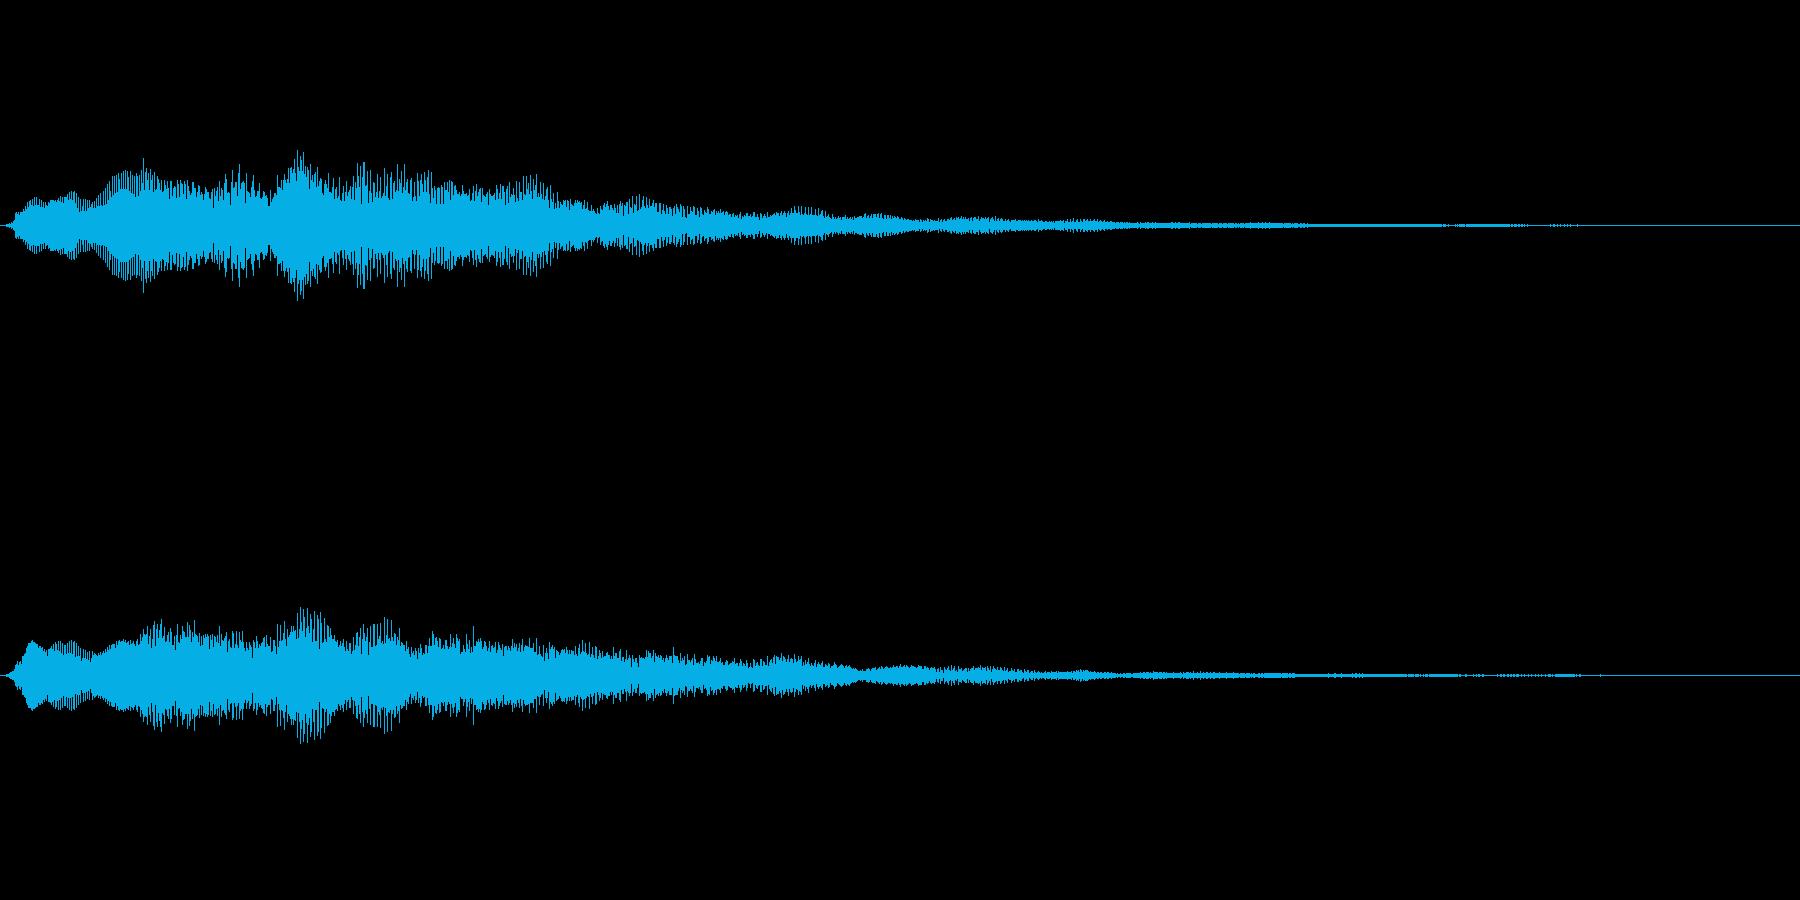 企業ロゴ表示用サウンドロゴ1(シンプル)の再生済みの波形